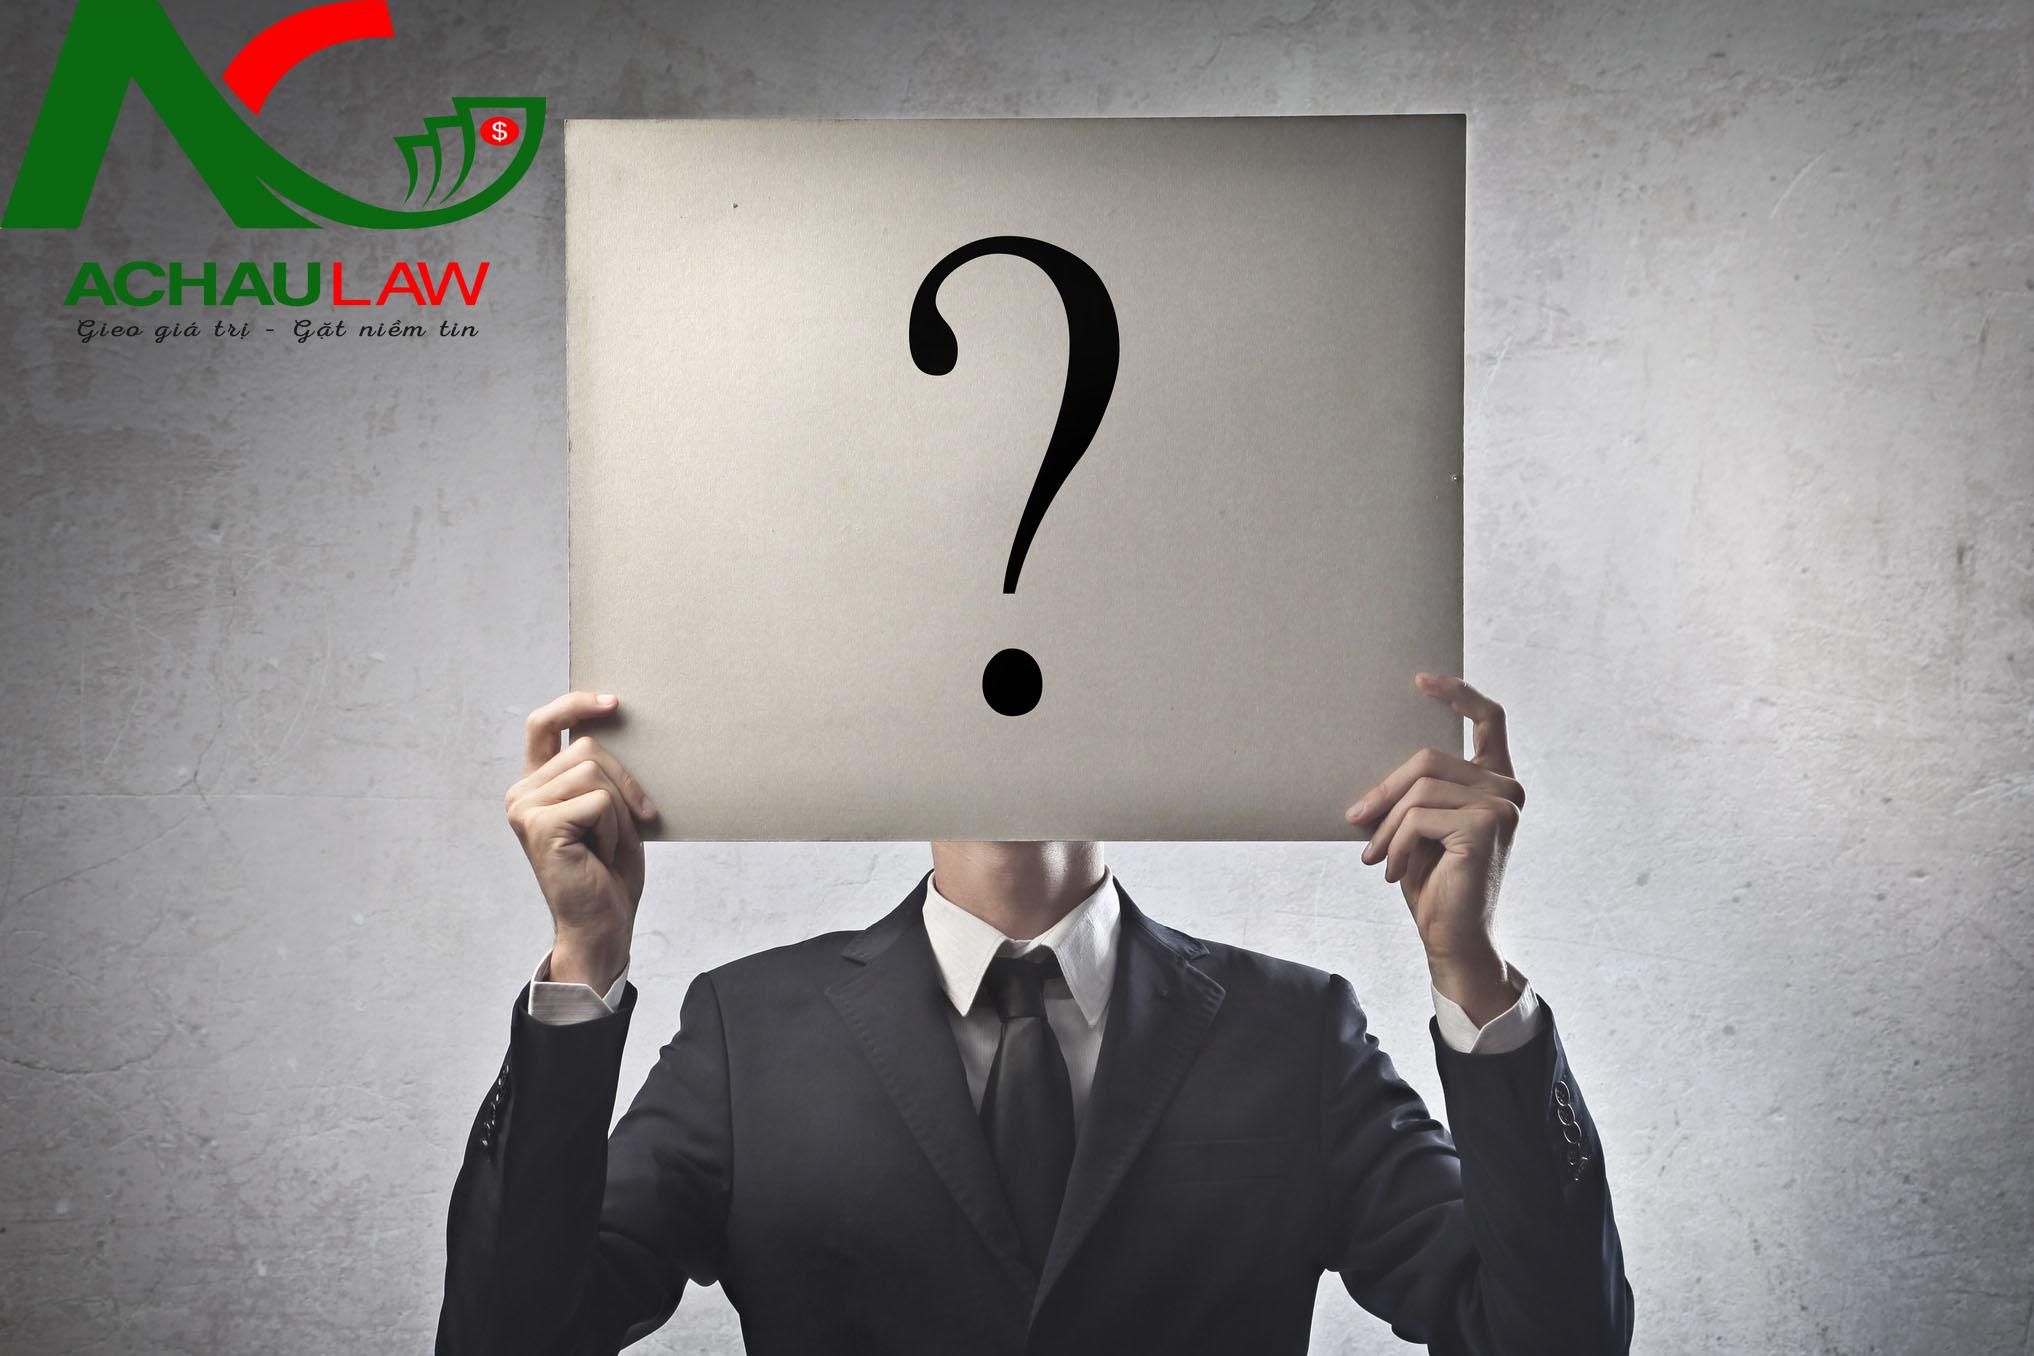 Các bướcTHÀNH LẬP DOANH NGHIỆP đúng luật doanh nghiệp mới nhất